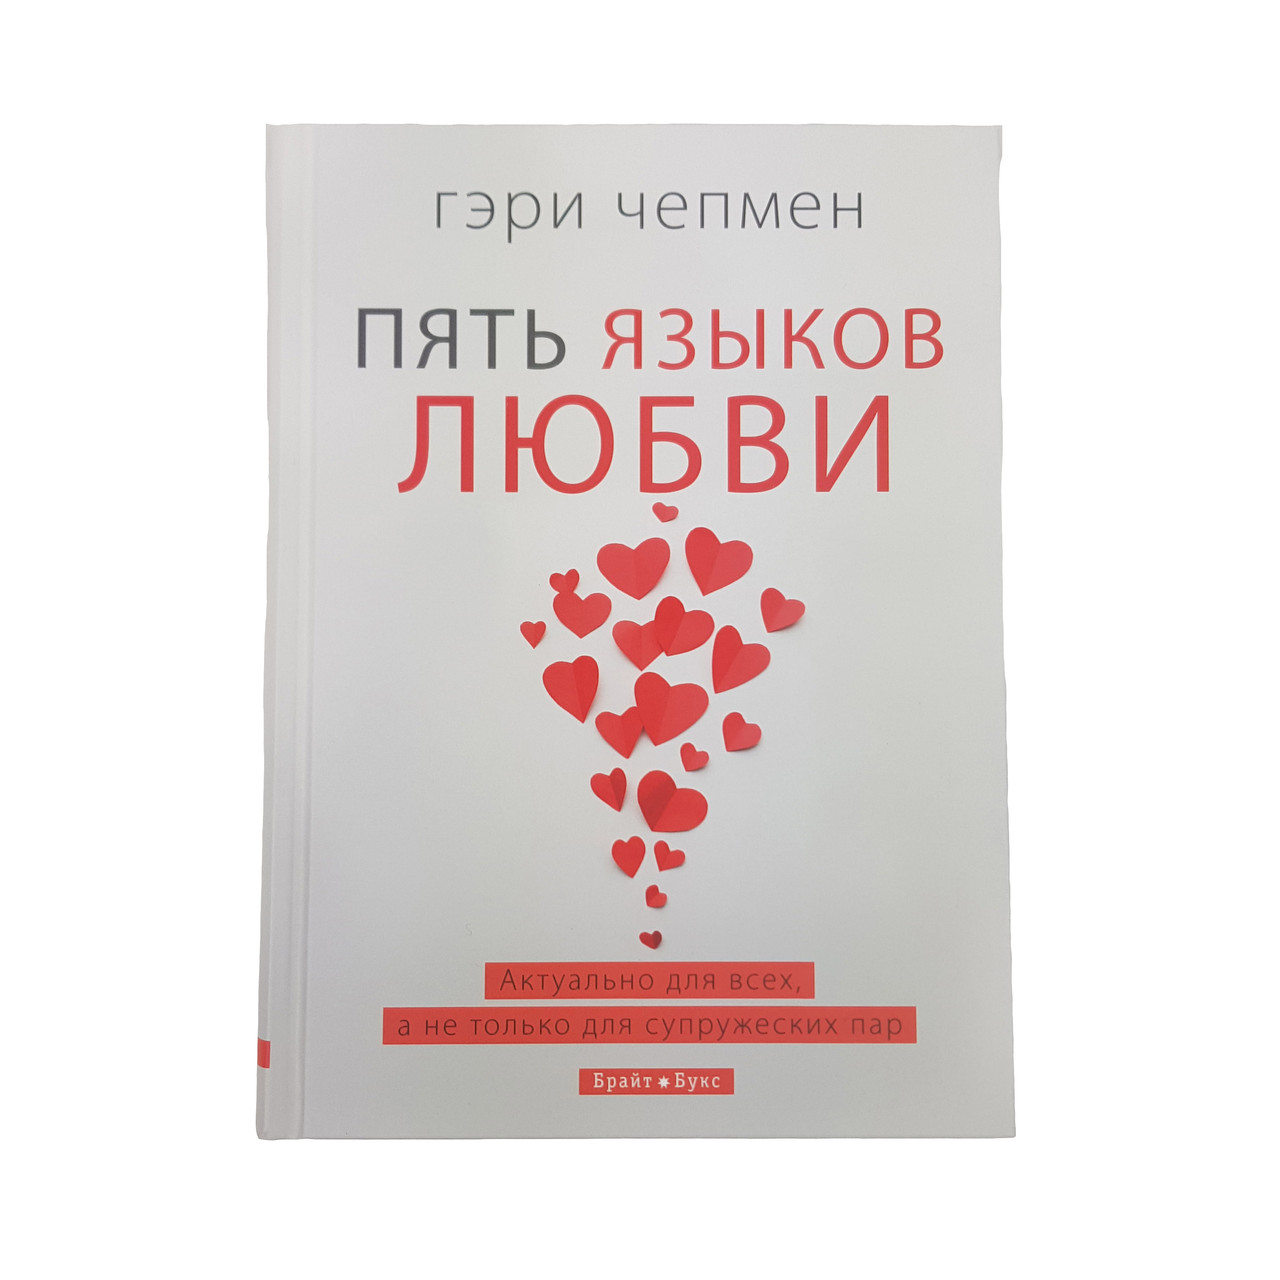 Пять языков любви. Актуально для всех, а не только для супружеских пар